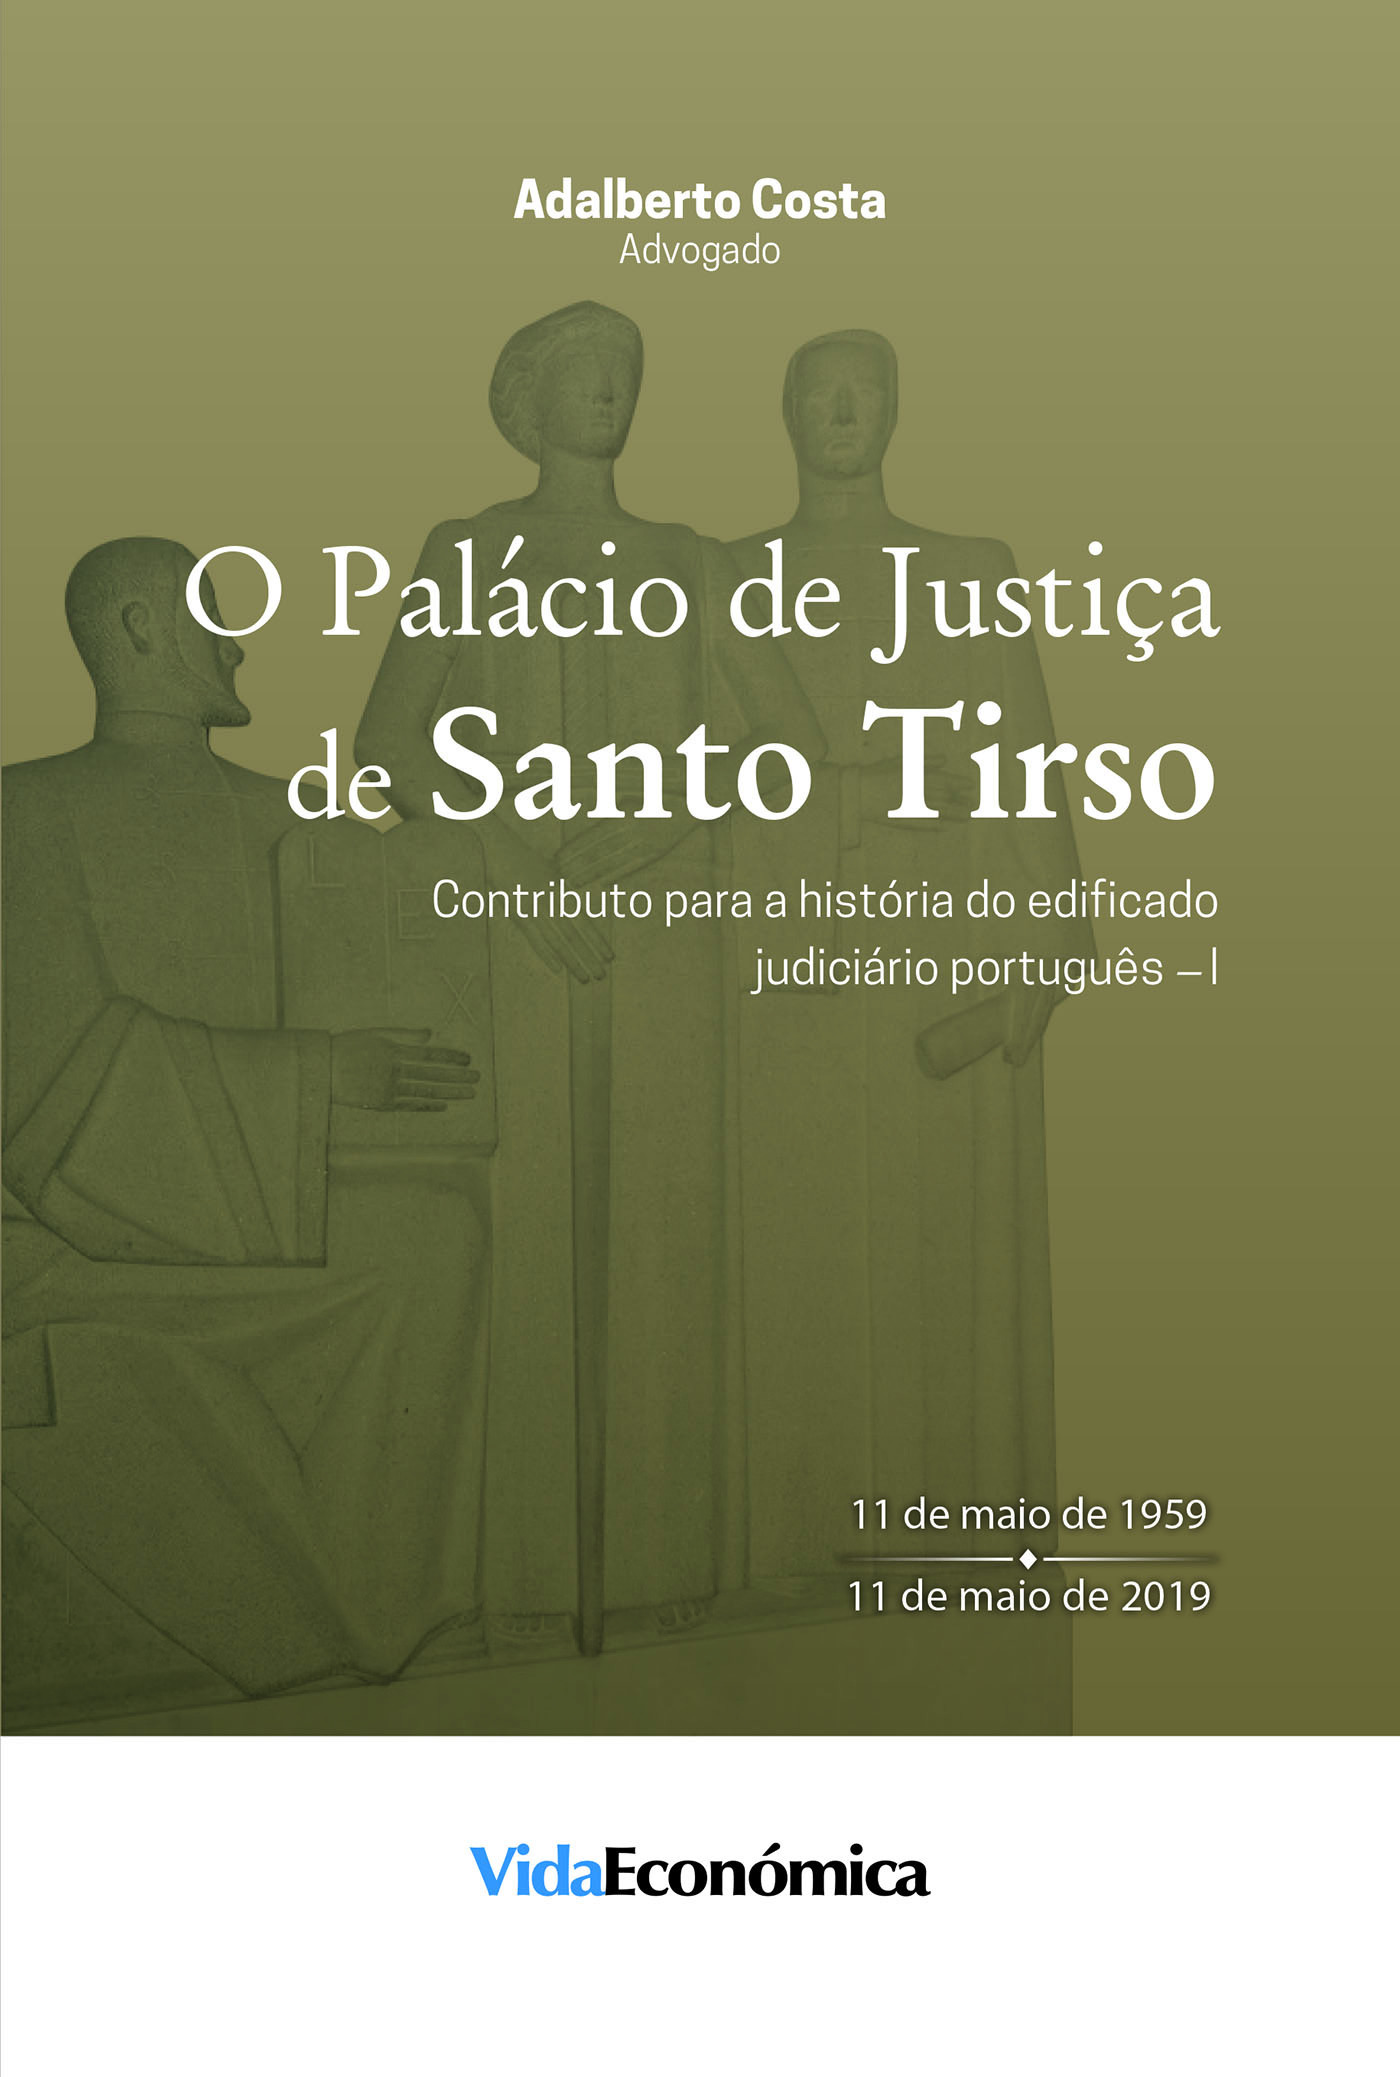 O palácio de justiça de Santo Tirso